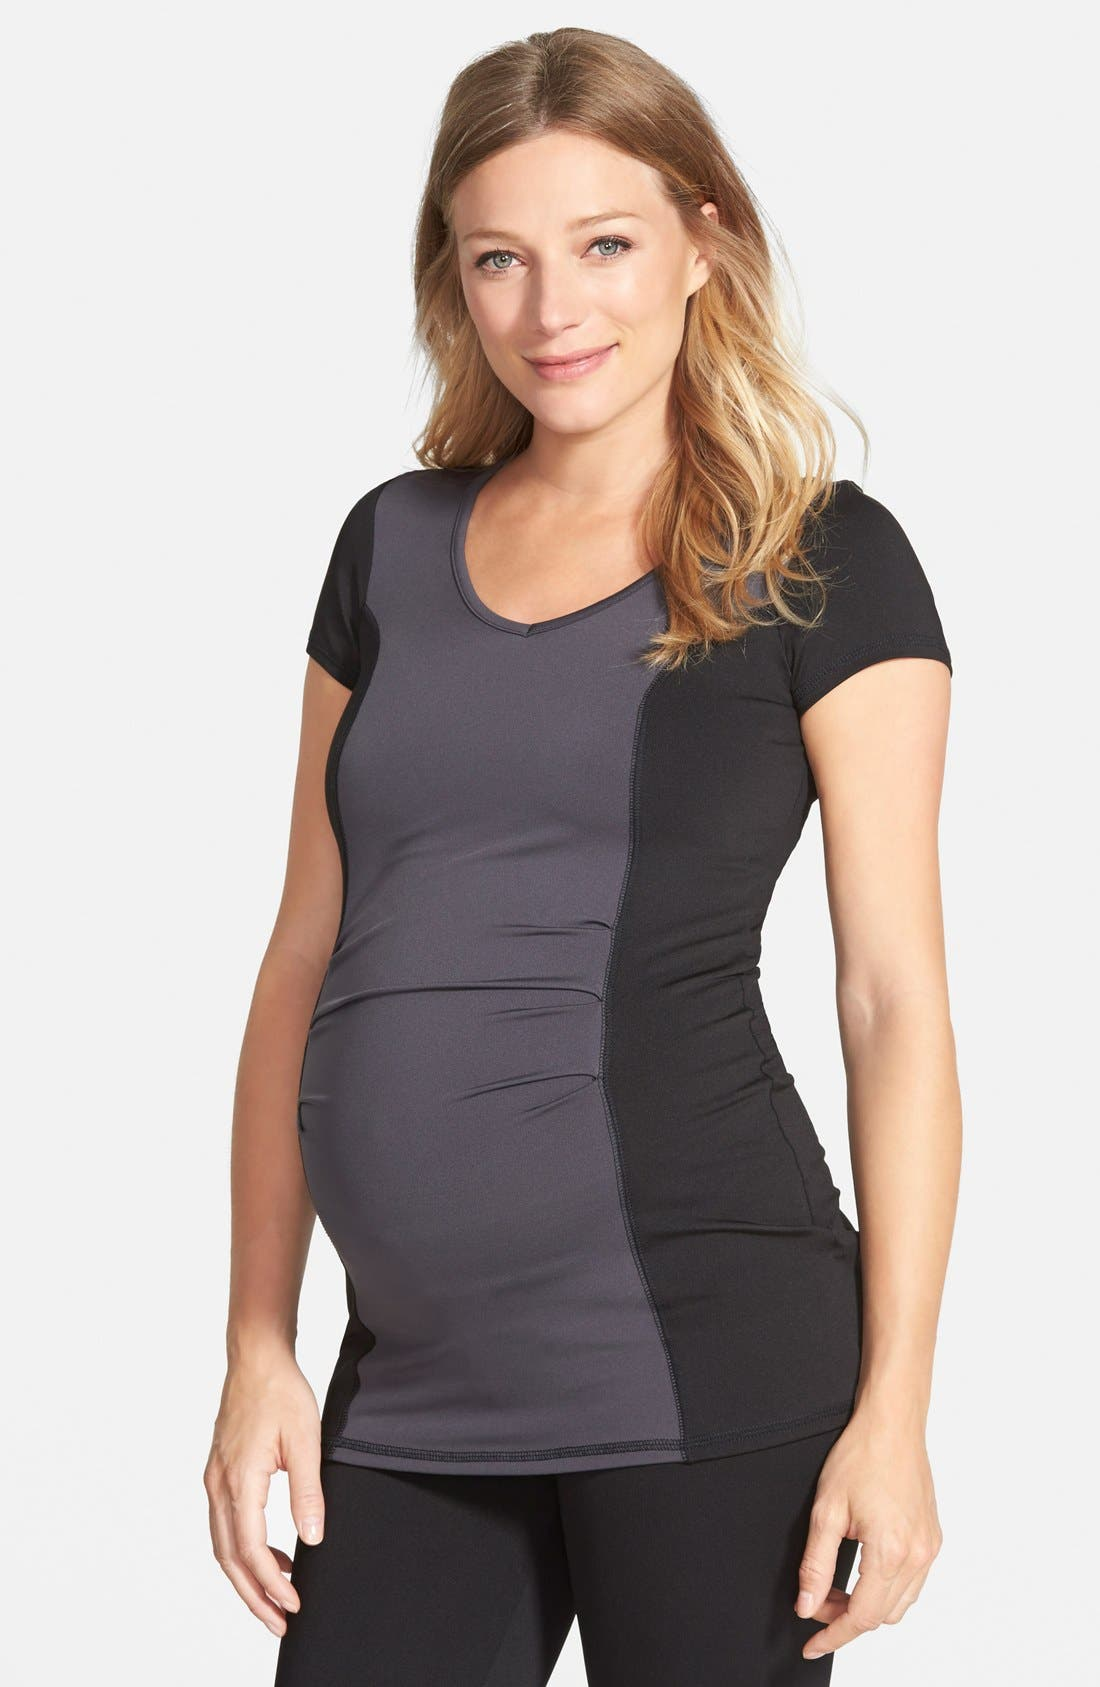 MATERNAL AMERICA Colorblock Maternity Top